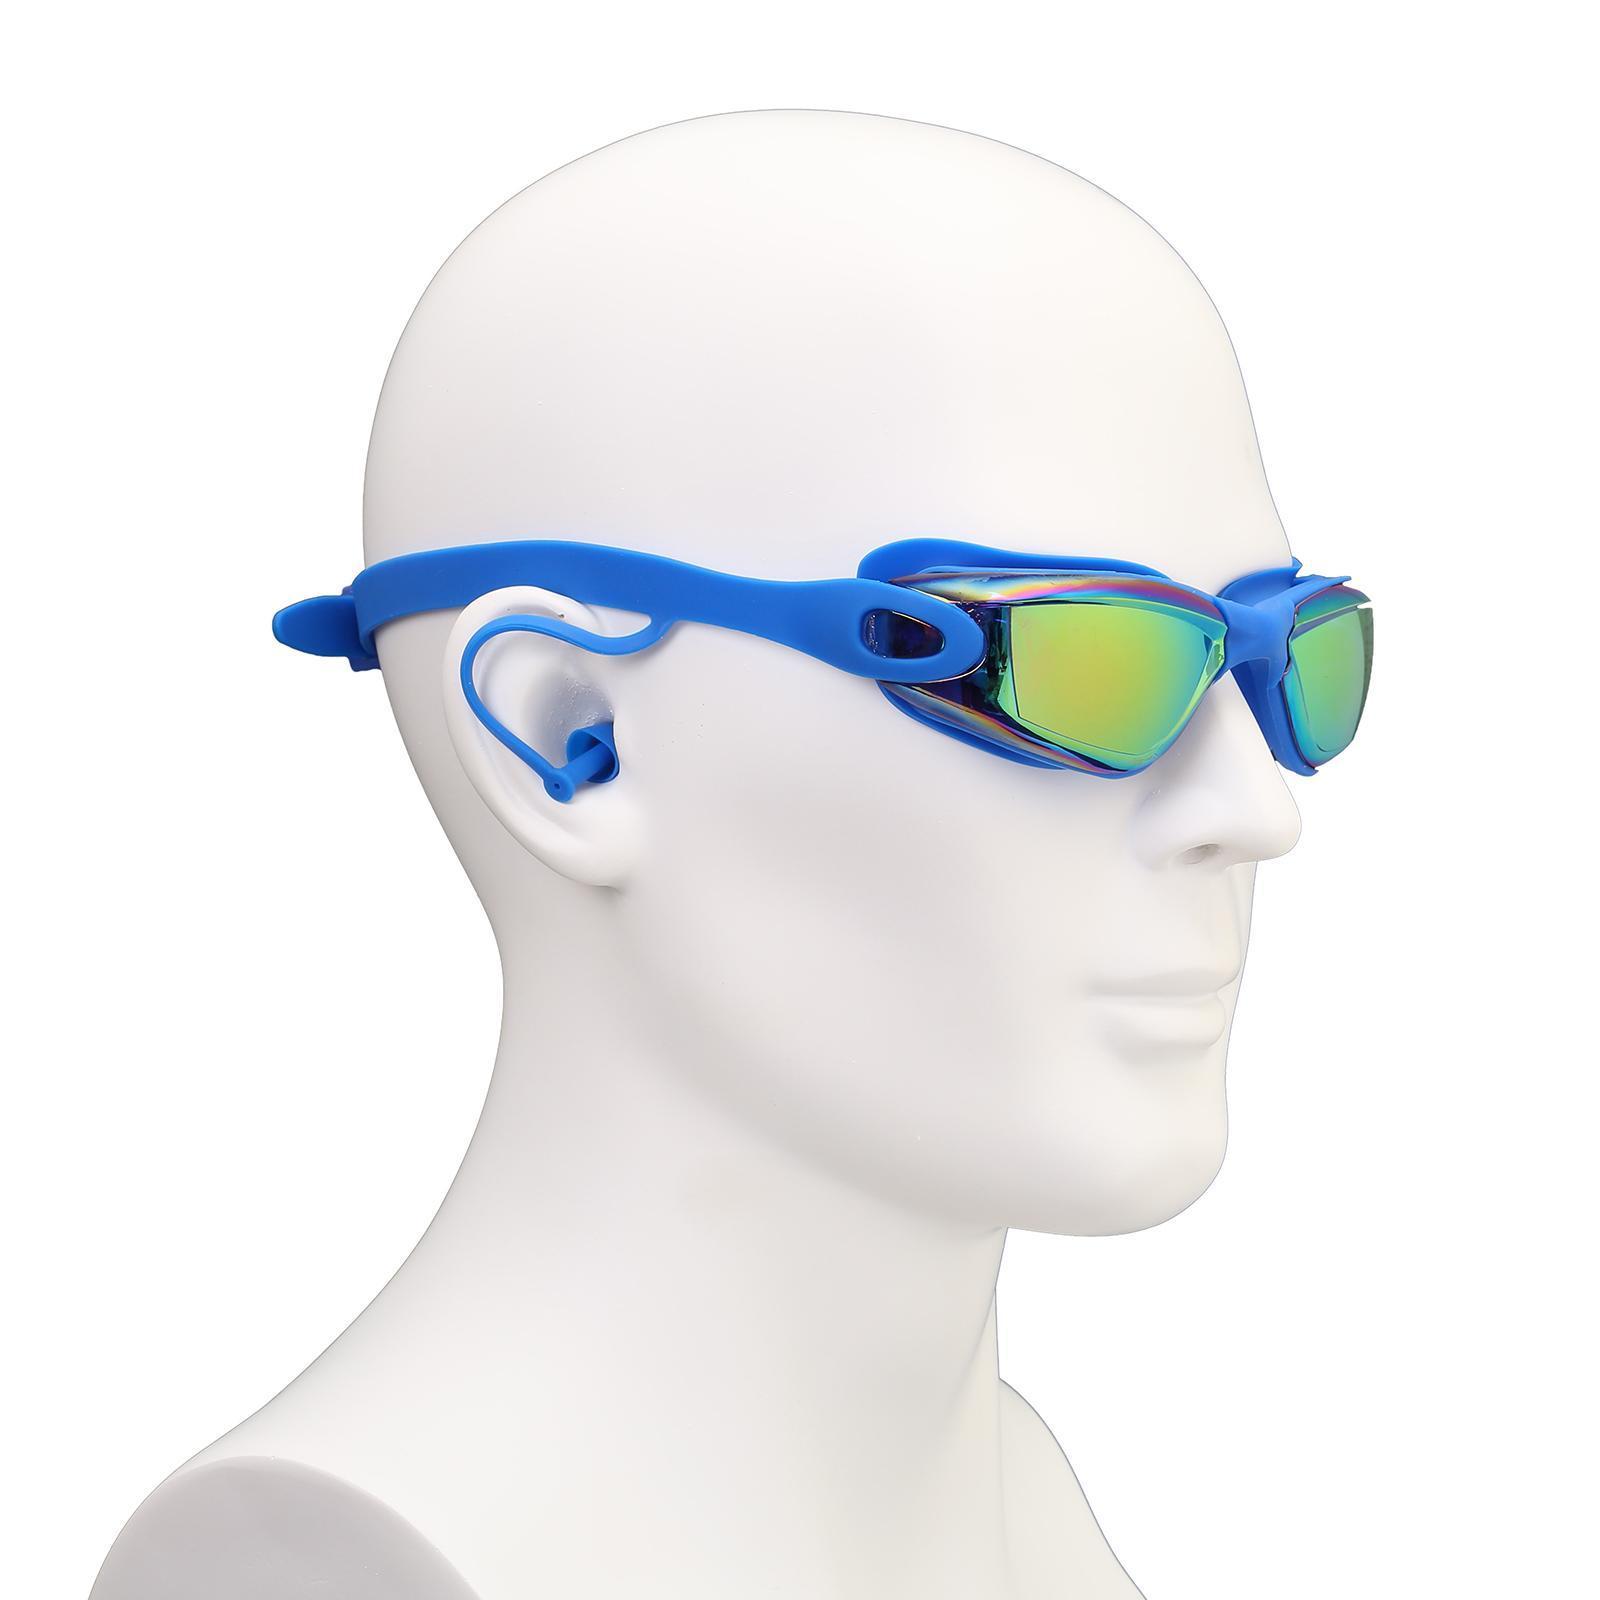 miniatura 11 - Occhialini da nuoto, protezione UV Occhialini da nuoto anti-appannamento Unisex